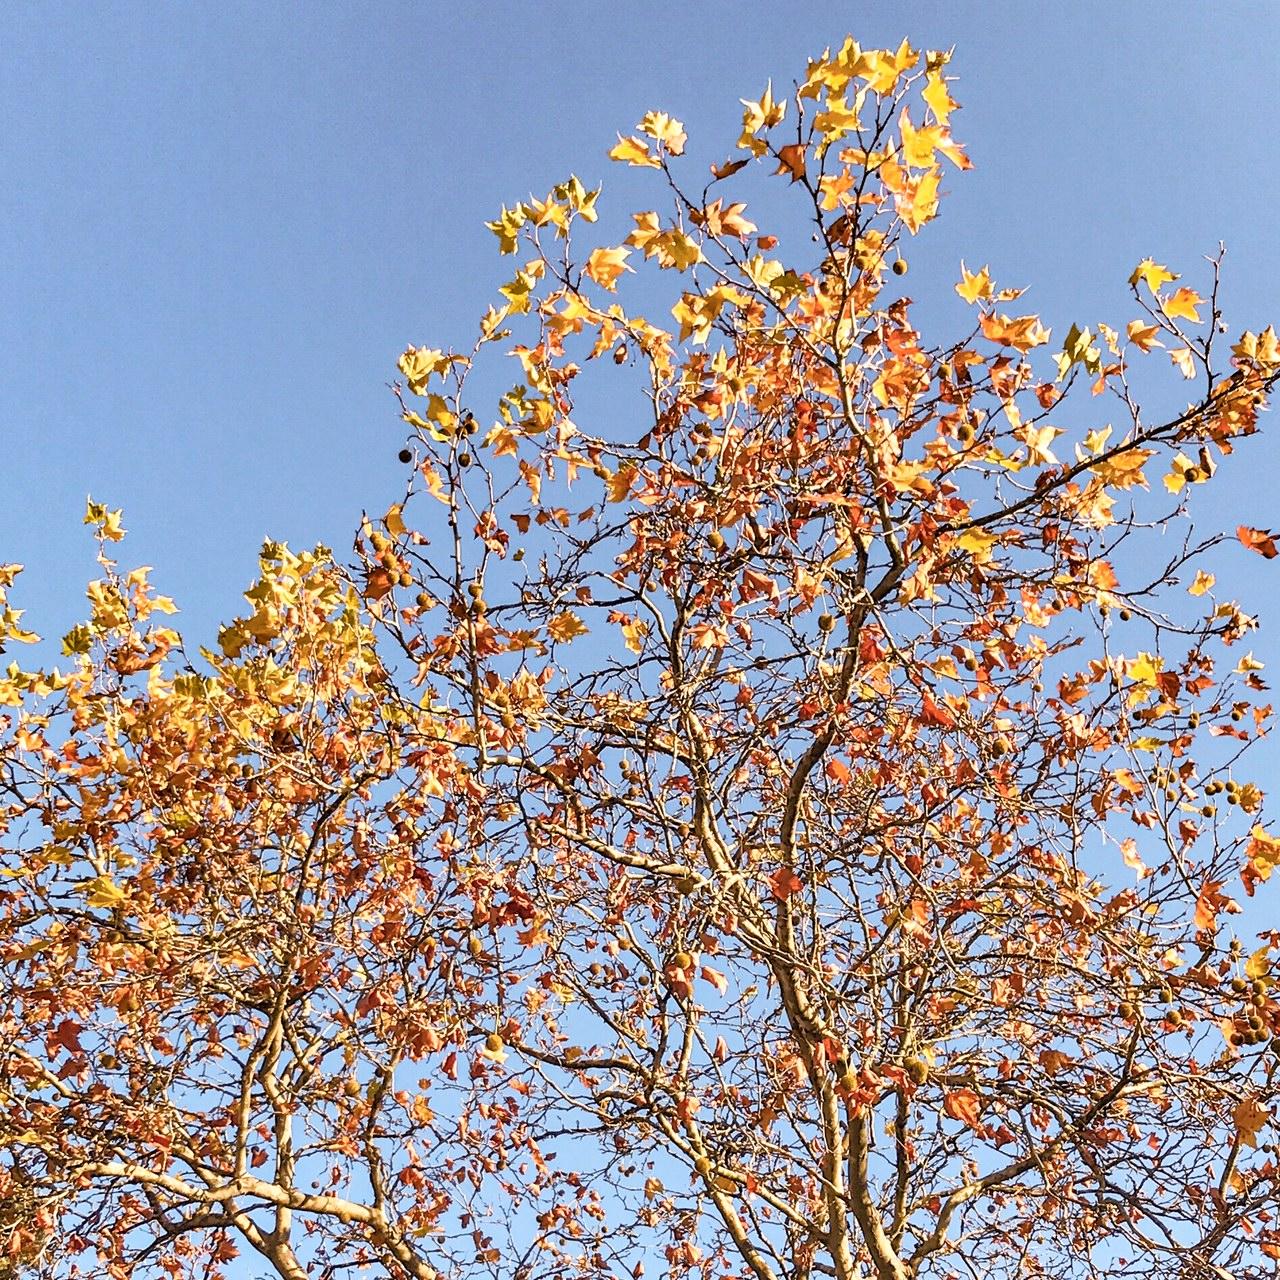 Les dernières feuilles mortes